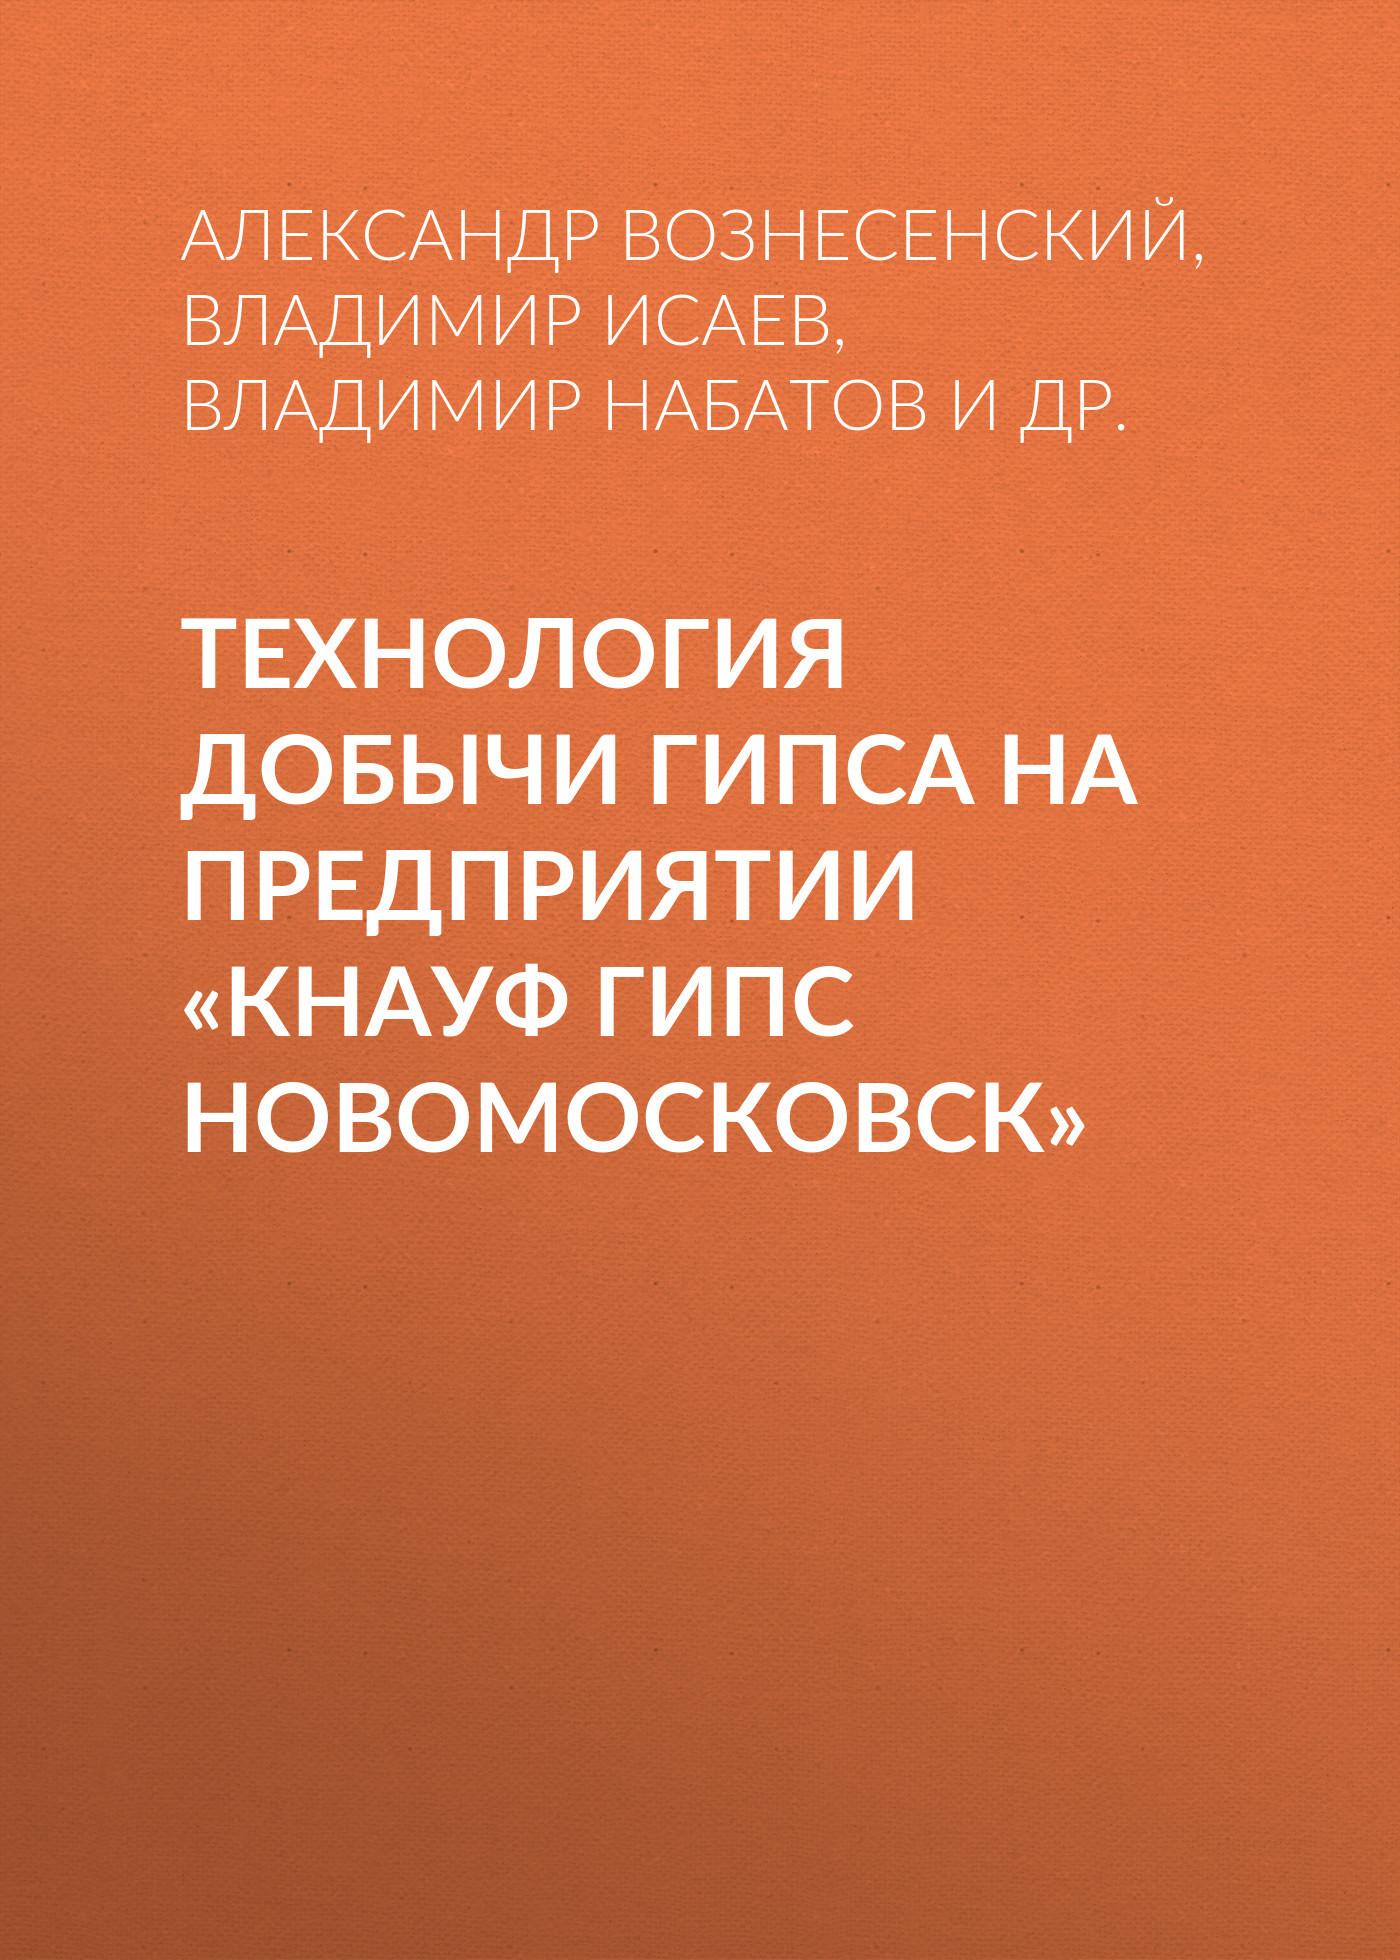 Владимир Исаев. Технология добычи гипса на предприятии «Кнауф Гипс Новомосковск»